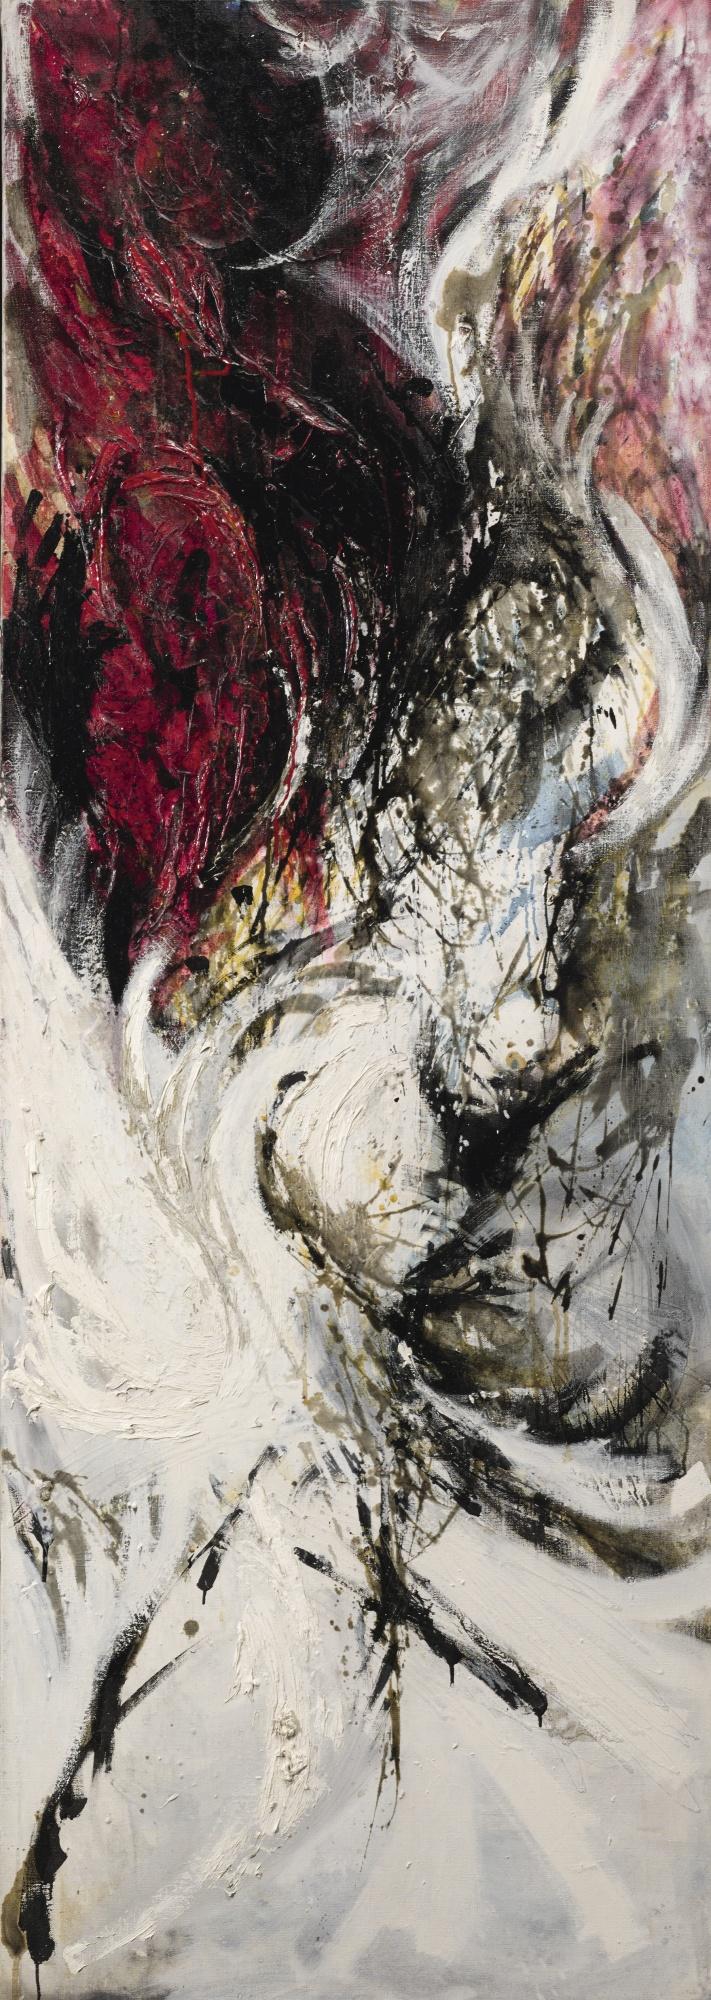 Hisao Domoto-Untitled-1958